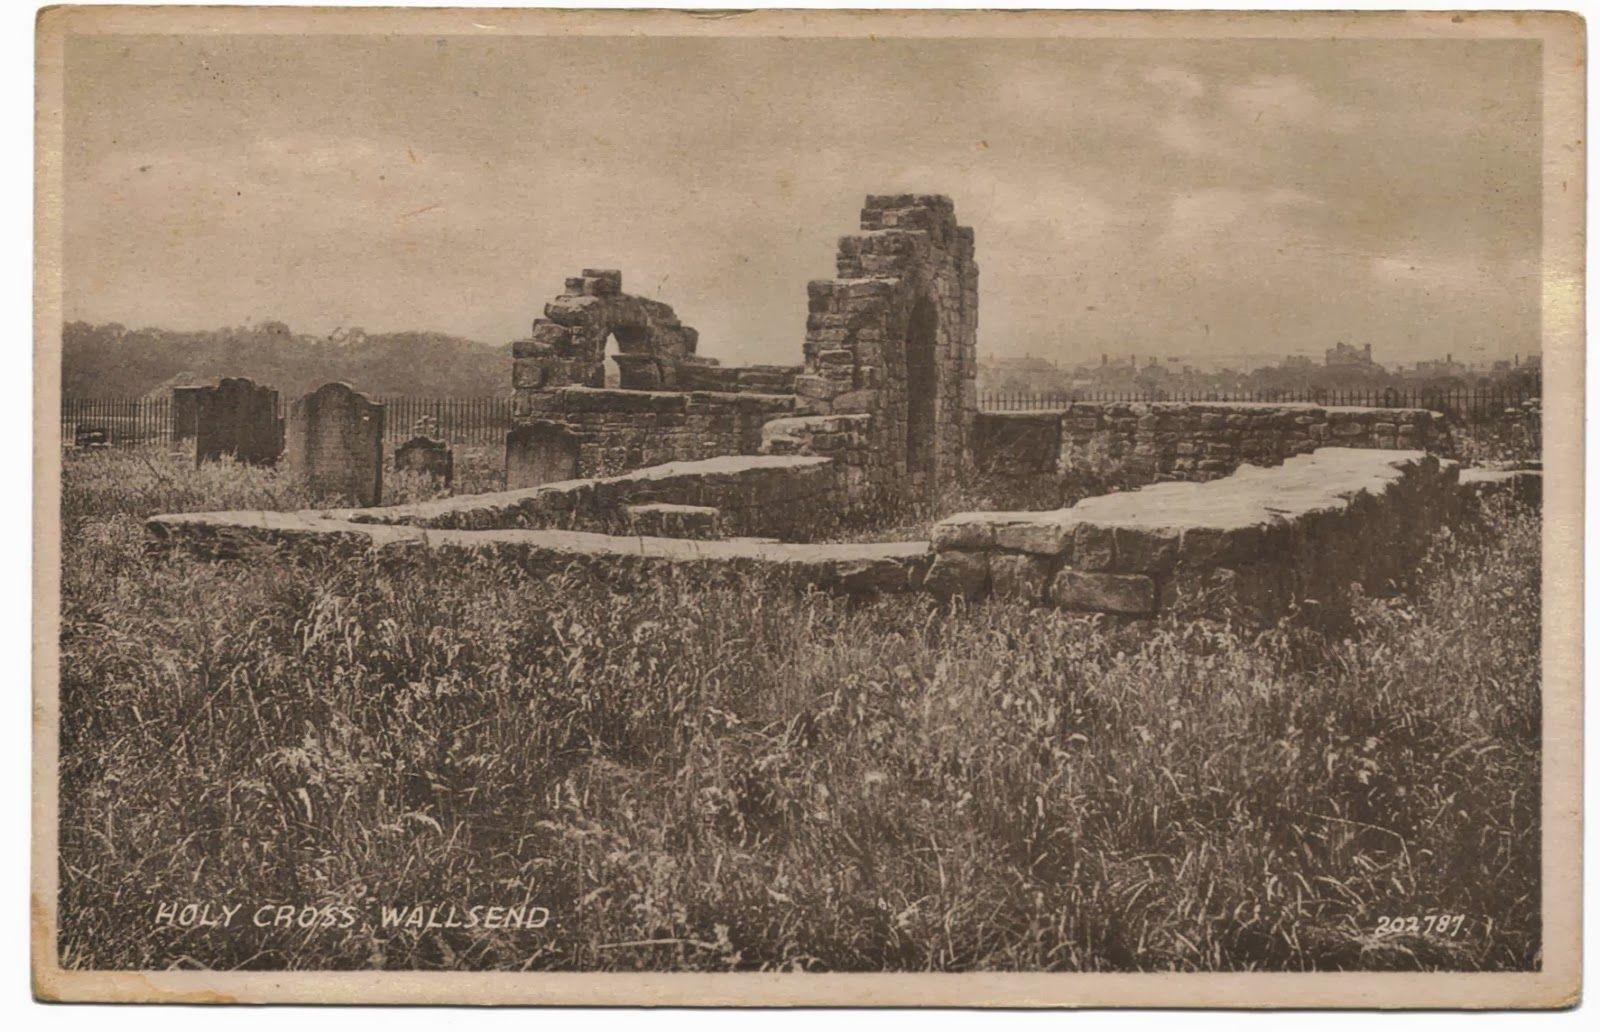 1950s Postcard Of Holy Cross Wallsend Tyne Wear England Postcards Tyne And Wear Holy Cross England